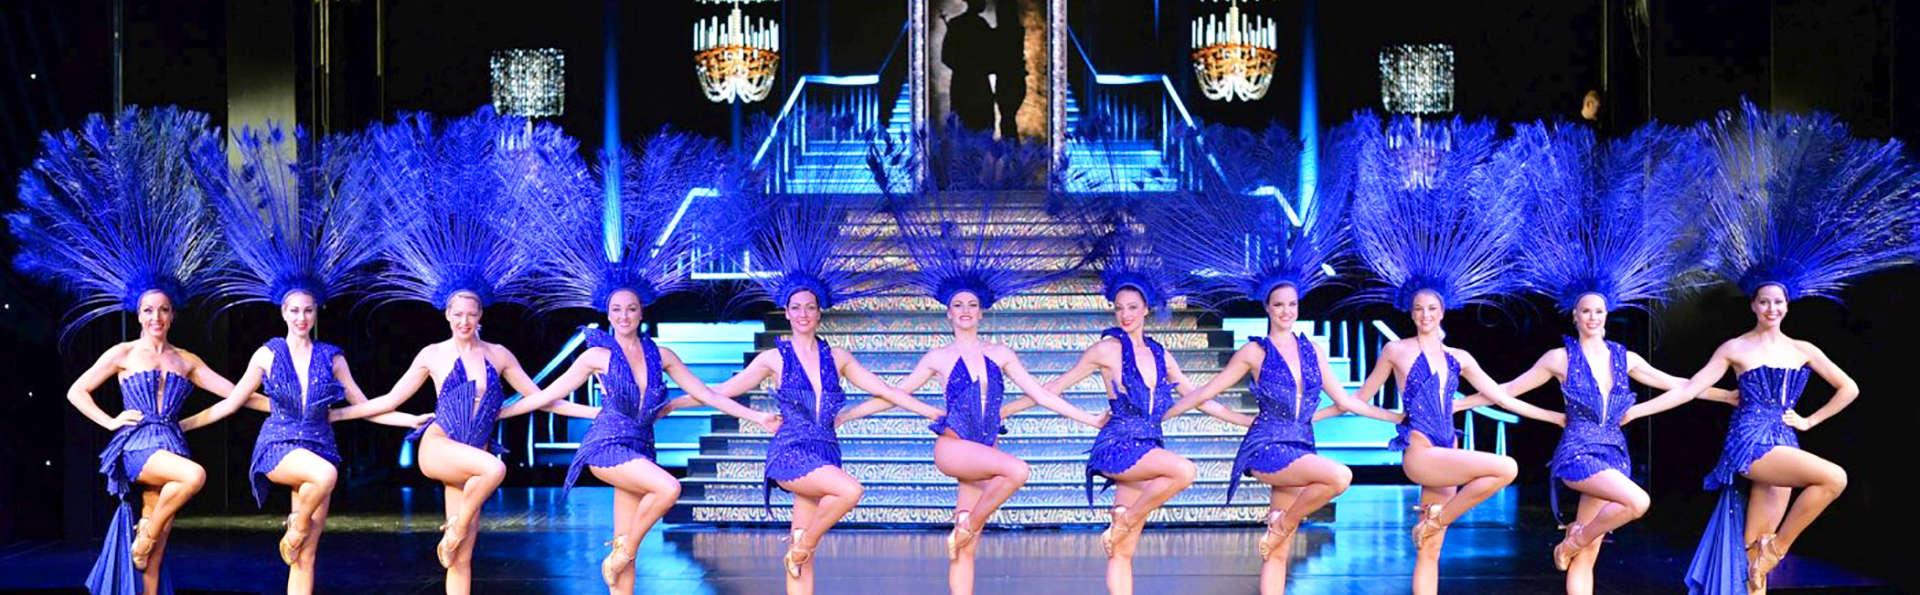 Séjour exceptionnel avec spectacle au Lido de Paris !